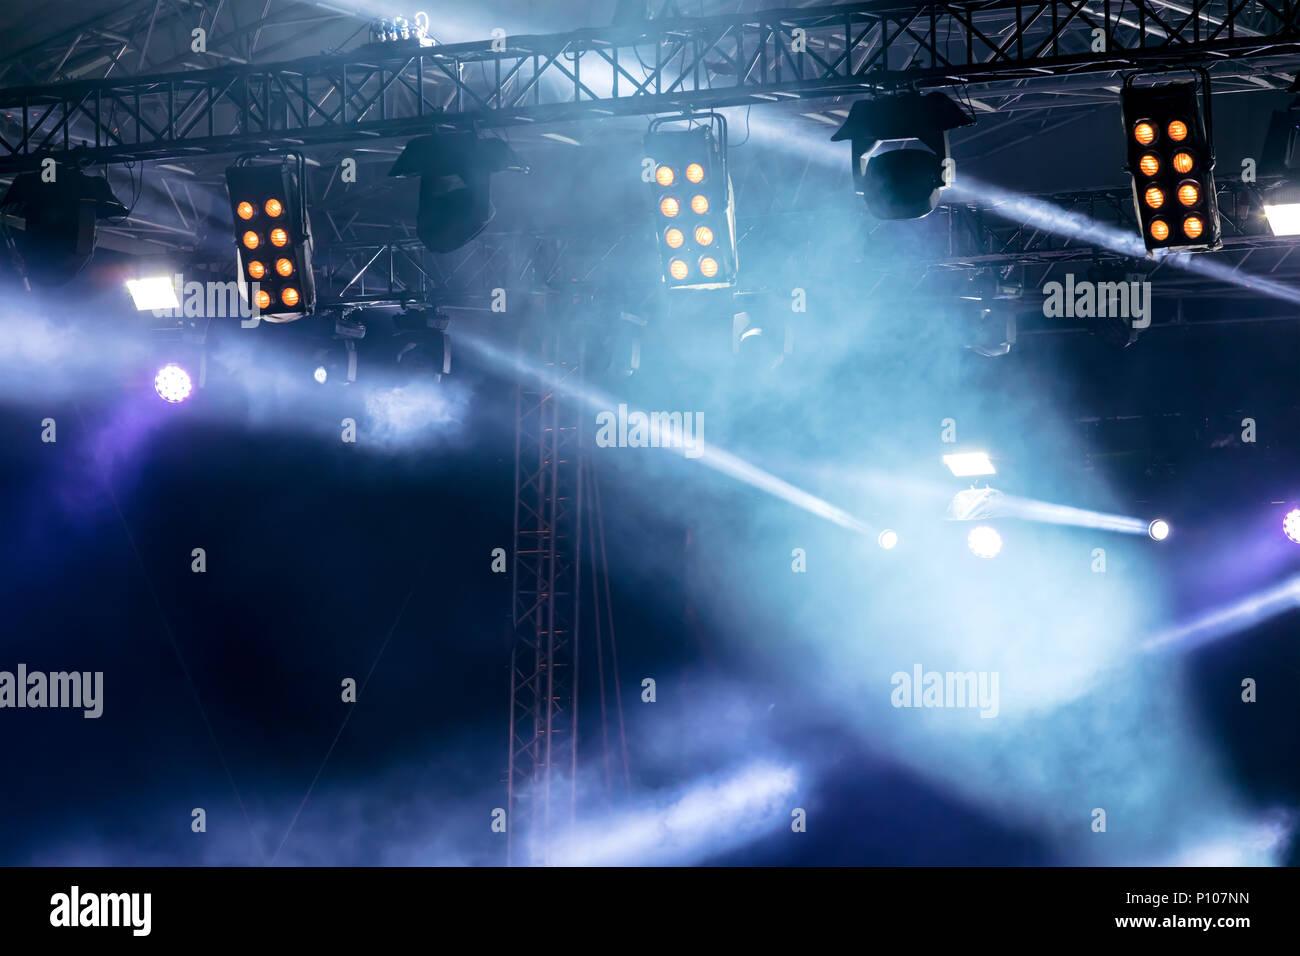 Luci da palco durante un concerto rock blu il fulmine e il fumo